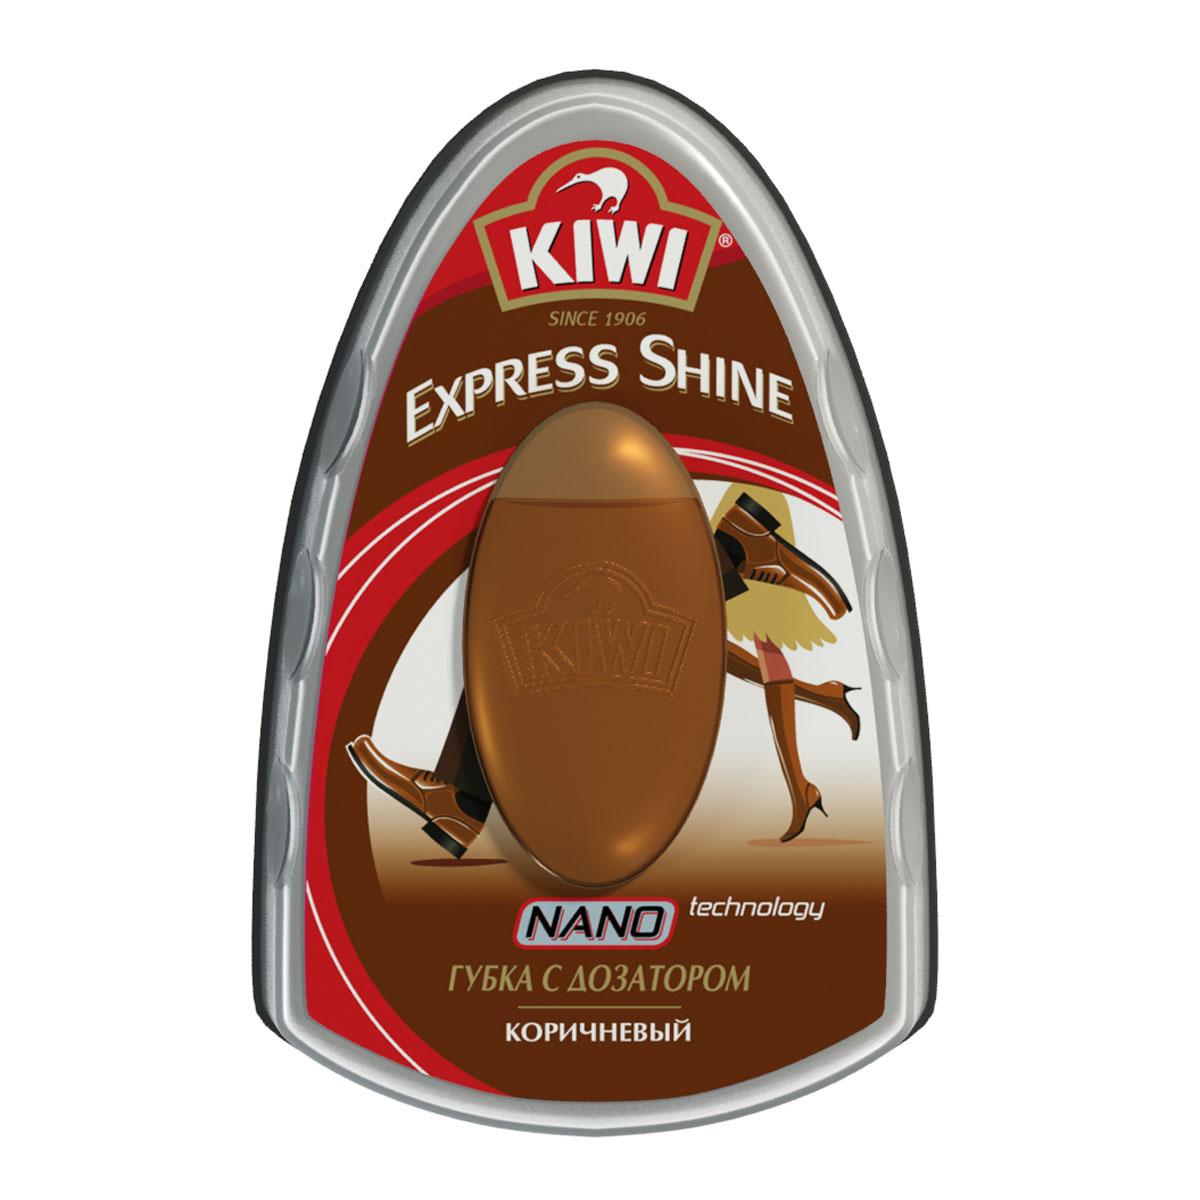 Губка для обуви Kiwi Экспресс, с дозатором, цвет: коричневый, 6 мл630731Губка для обуви Kiwi Экспресс предназначена для мгновенного ухода за вашей обувью. Губка освежает цвет и придает блеск, подходит для всех видов гладкой и искусственной кожи. Уникальная система контролируемой дозировки выделяет одинаковое количество полирующего состава. Губка имеет эргономичную форму и ребристые боковые поверхности для удобства использования. Губка прочно приклеена к корпусу, не открывается даже при длительном использовании. Характеристики:Объем: 6 мл. Размер губки: 10,5 см х 7 см х 5 см. Цвет: коричневый. Артикул: 630731. Товар сертифицирован.